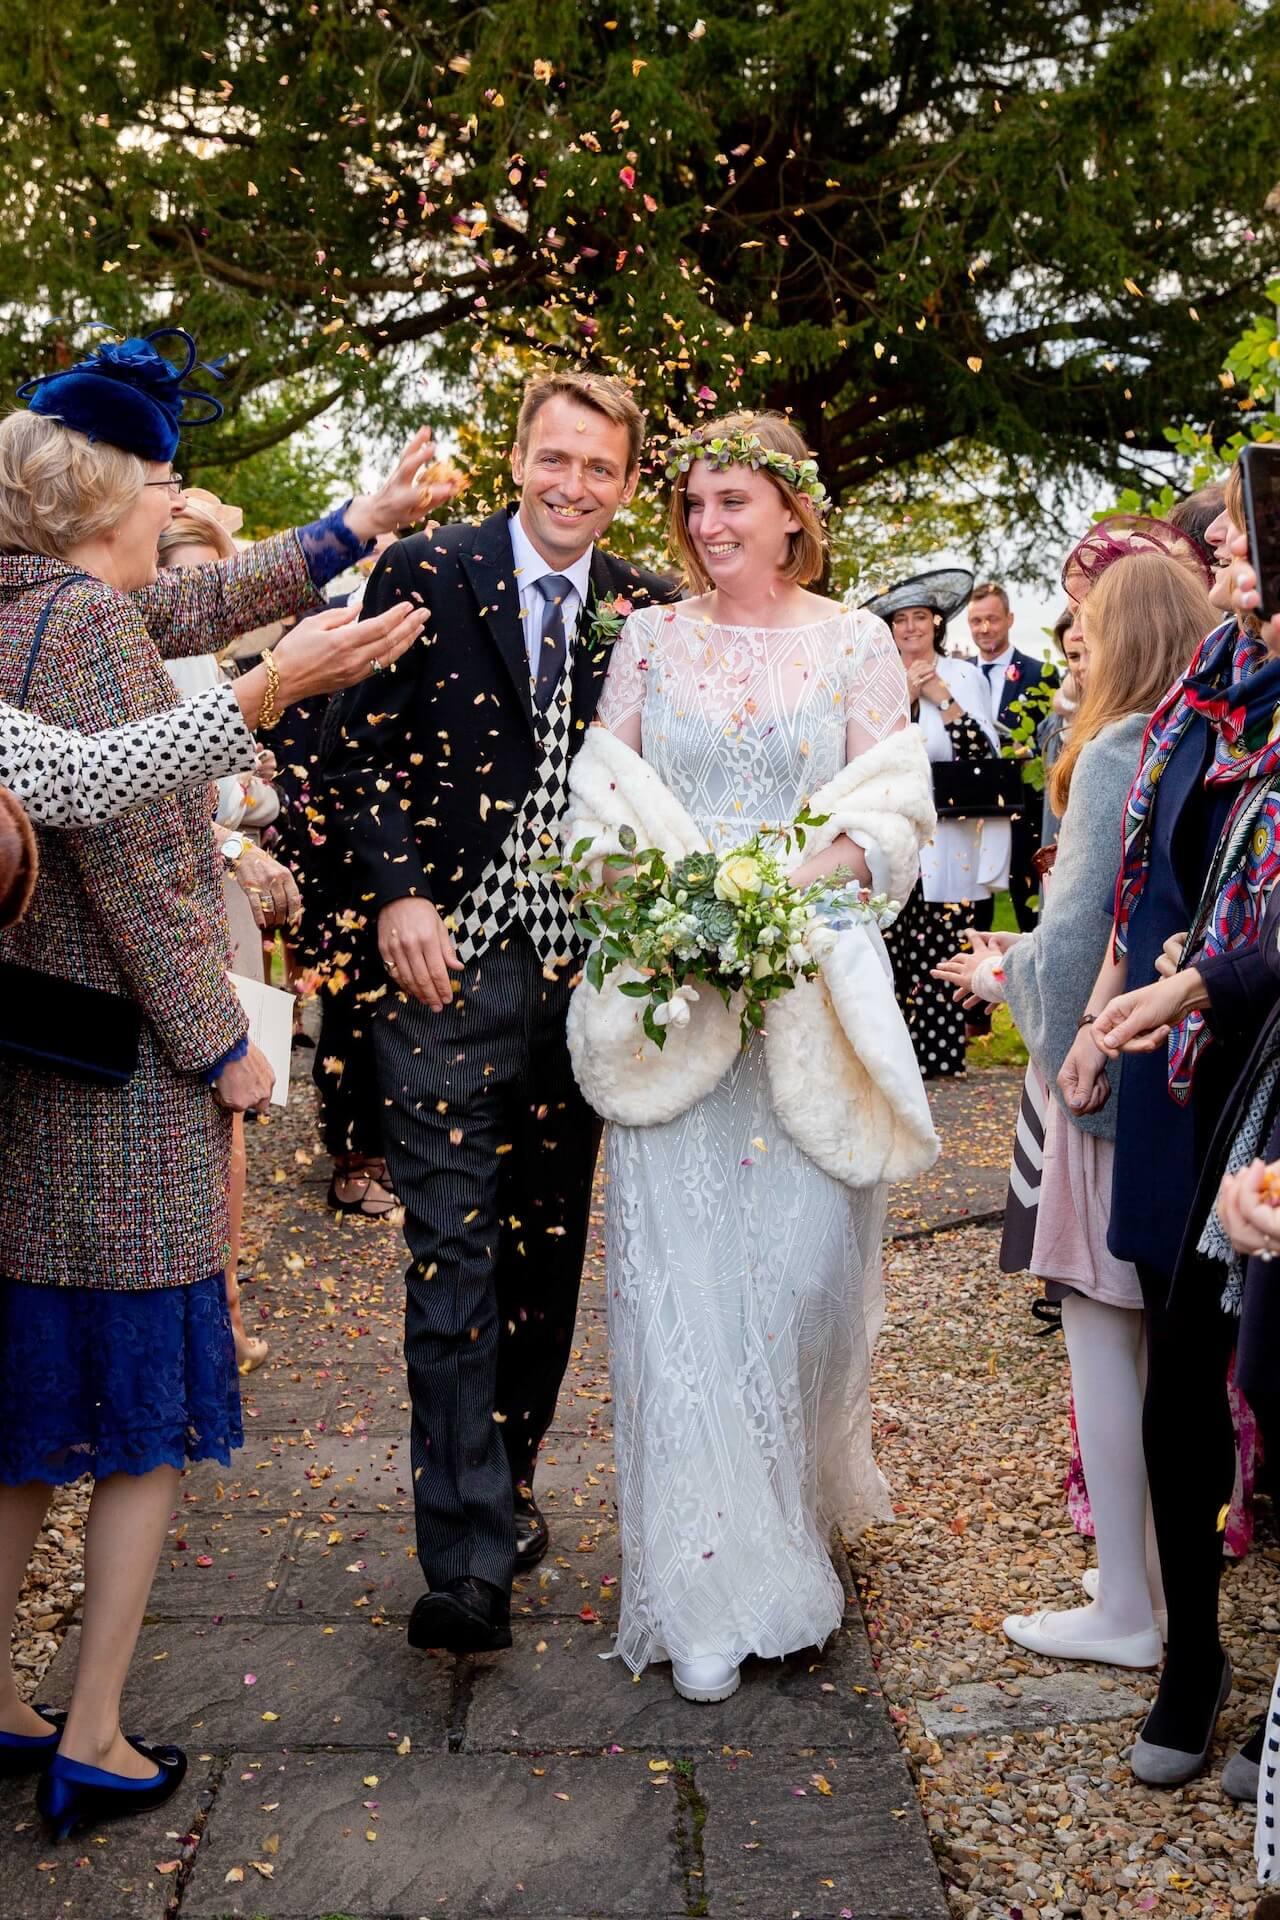 The best wedding in Dorset in 2018!